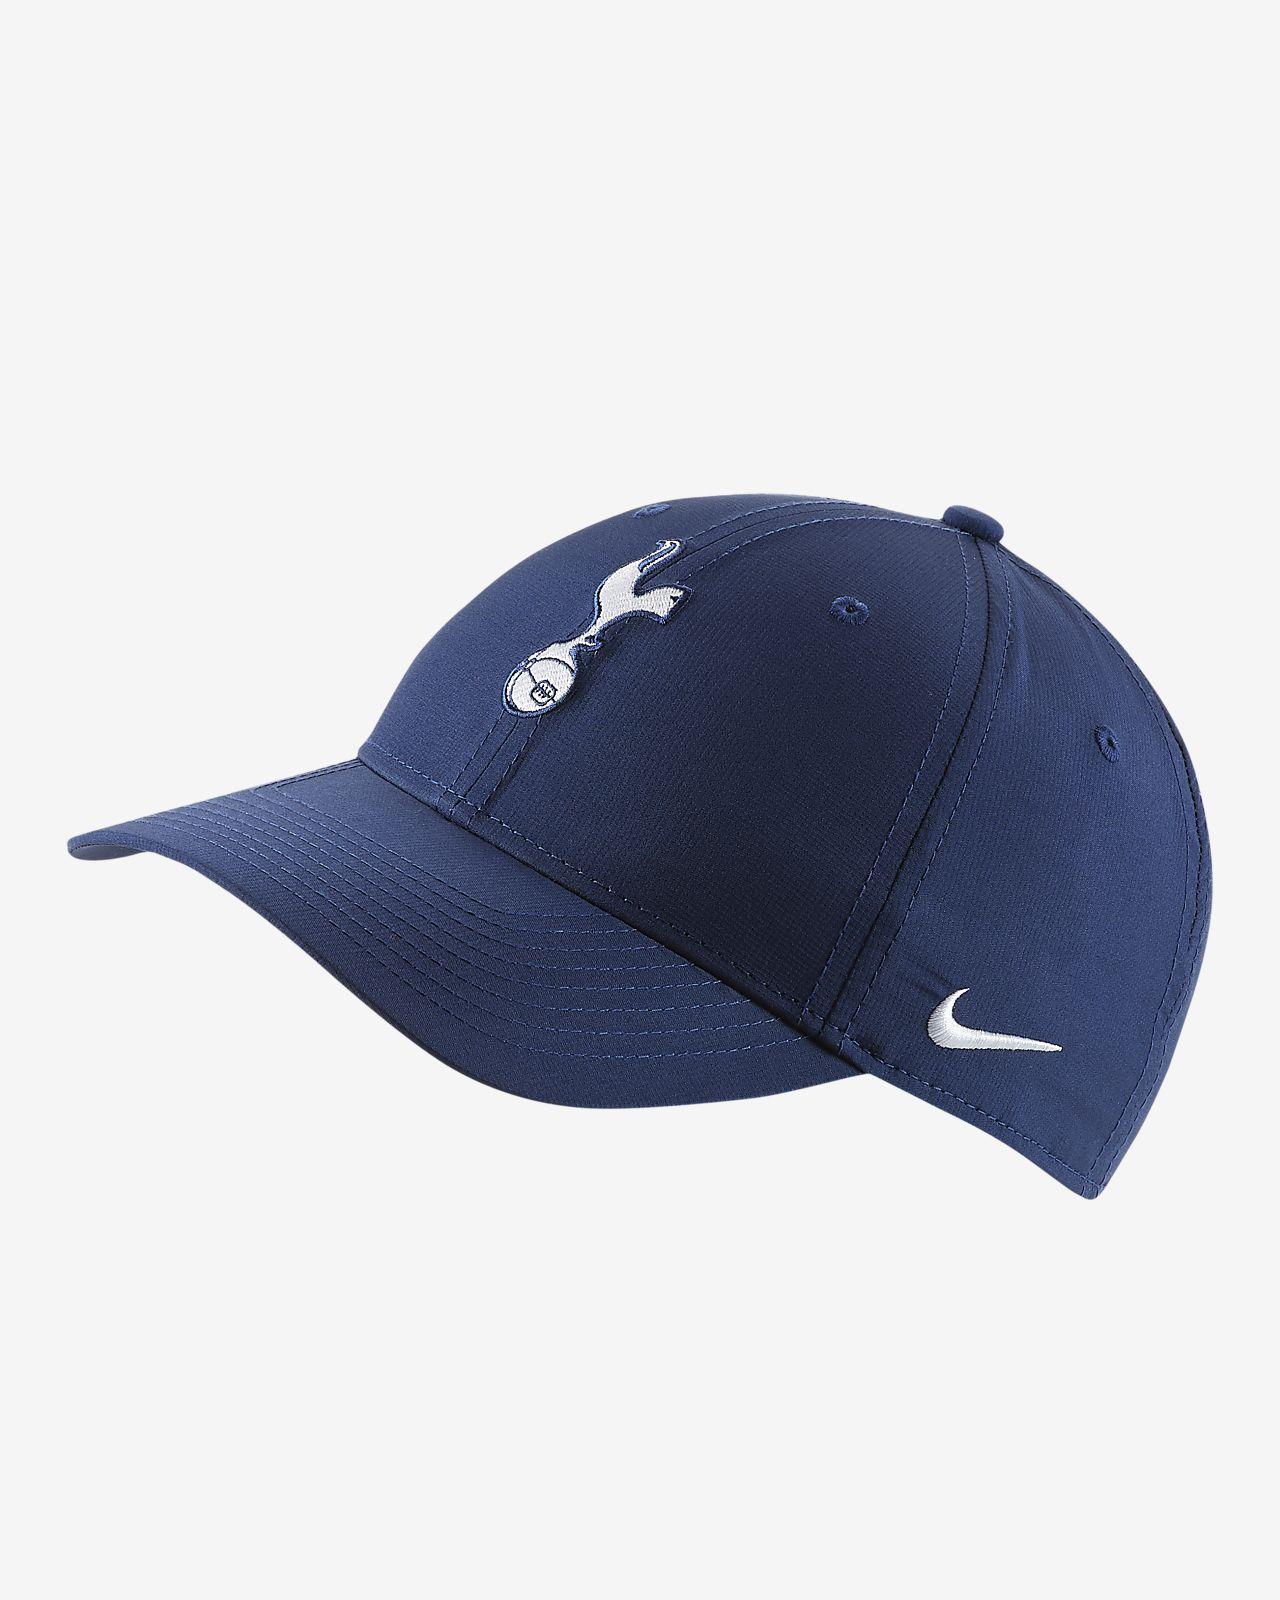 Cappello Nike Legacy91 Tottenham Hotspur - Unisex